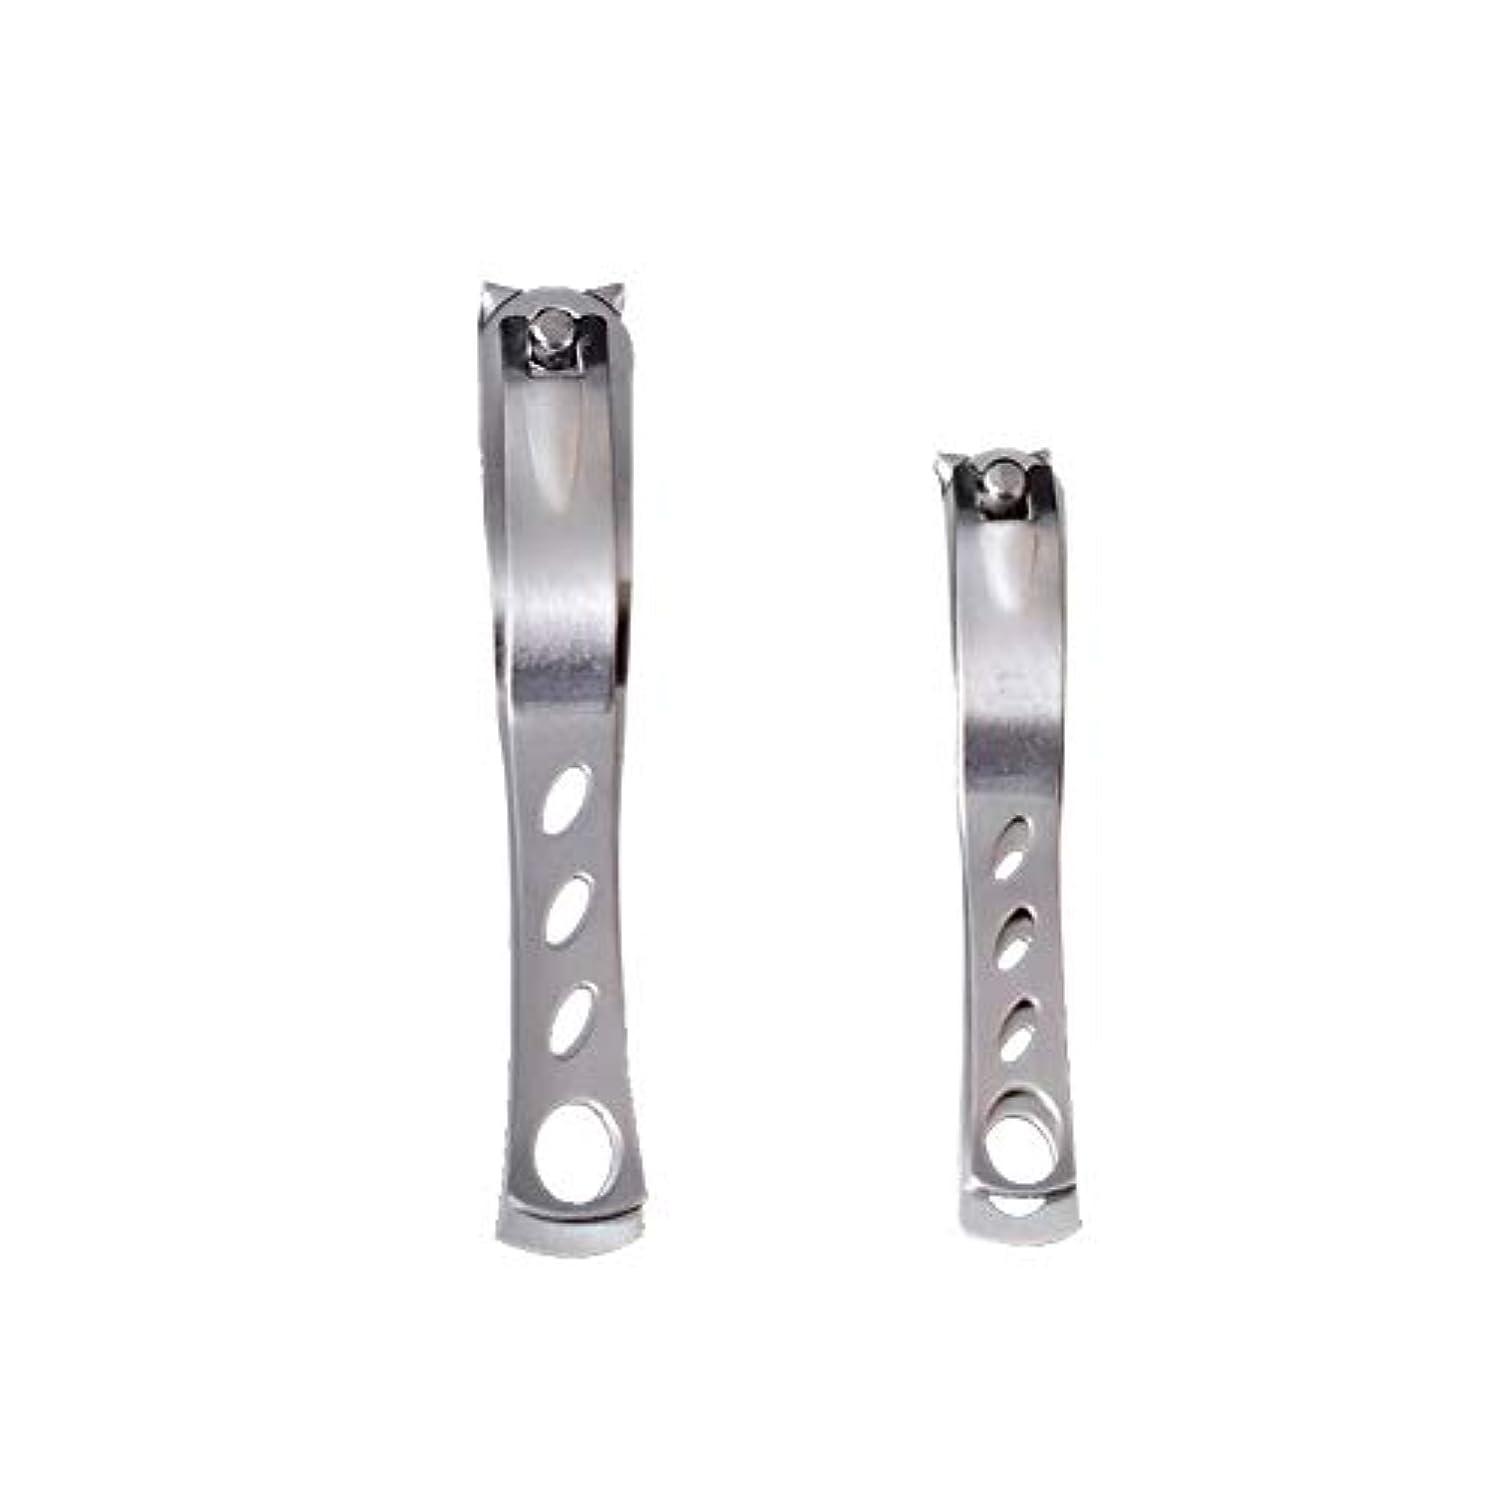 満員シャー表現ステンレス鋼の爪切り爪切り、革新的な360度回転のファッション爪切りマニキュアツールマニキュア作物ホーム別館2